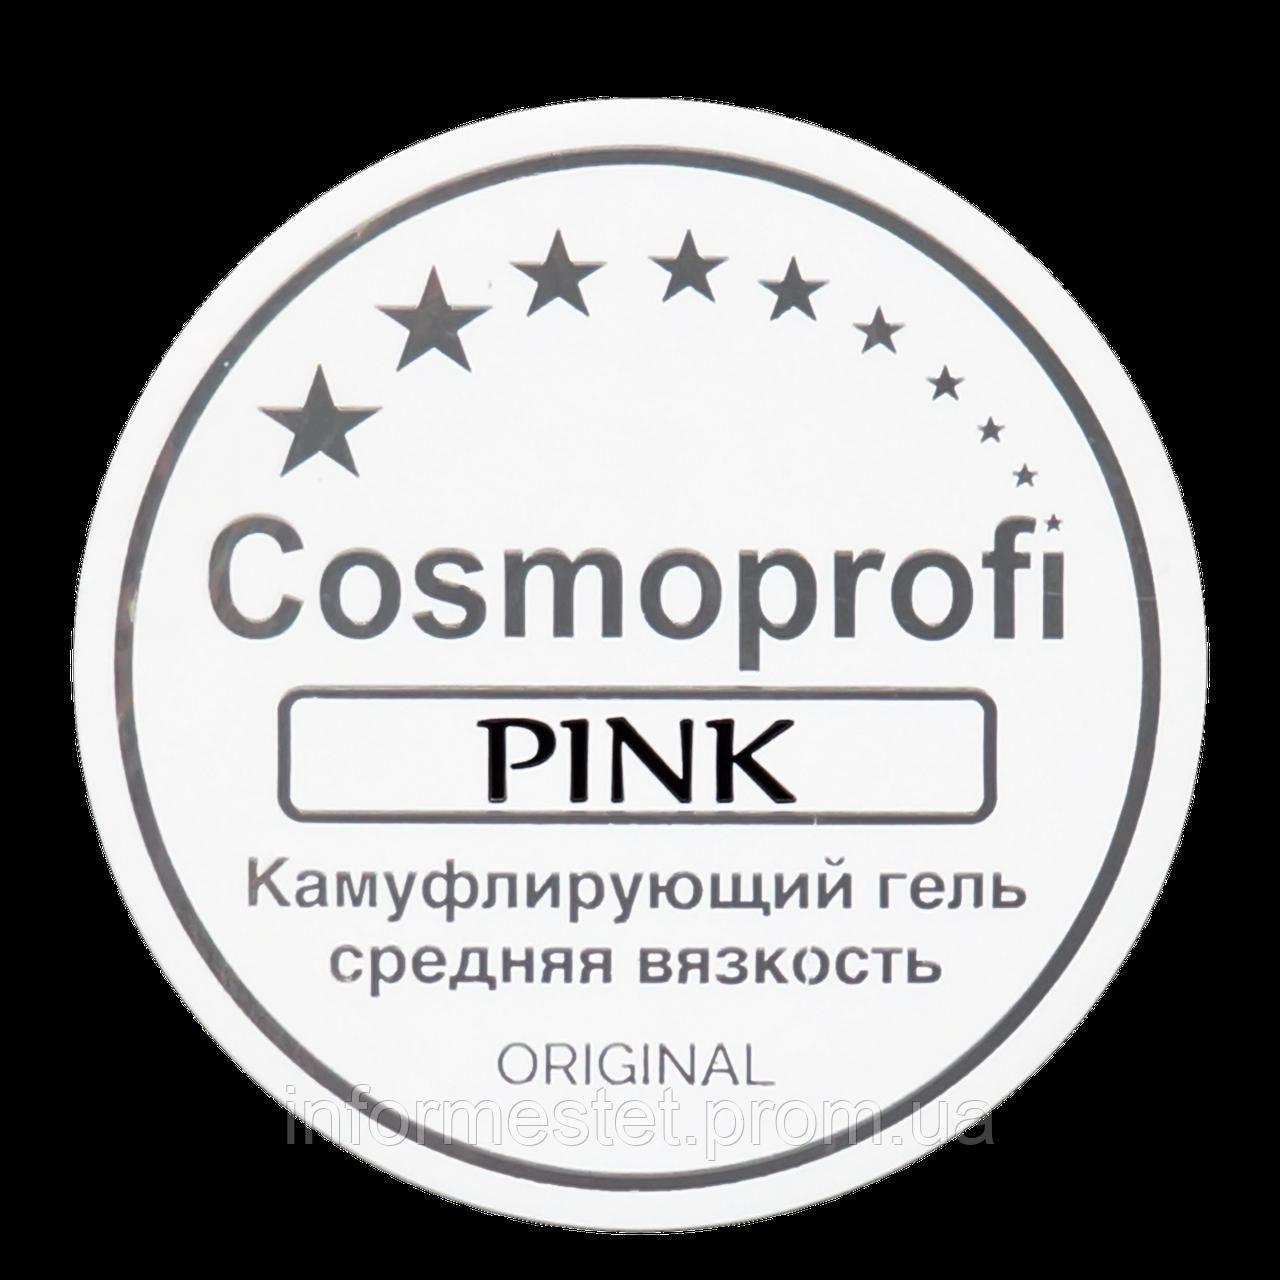 Камуфлирующий гель Cosmoprofi Pink 15g